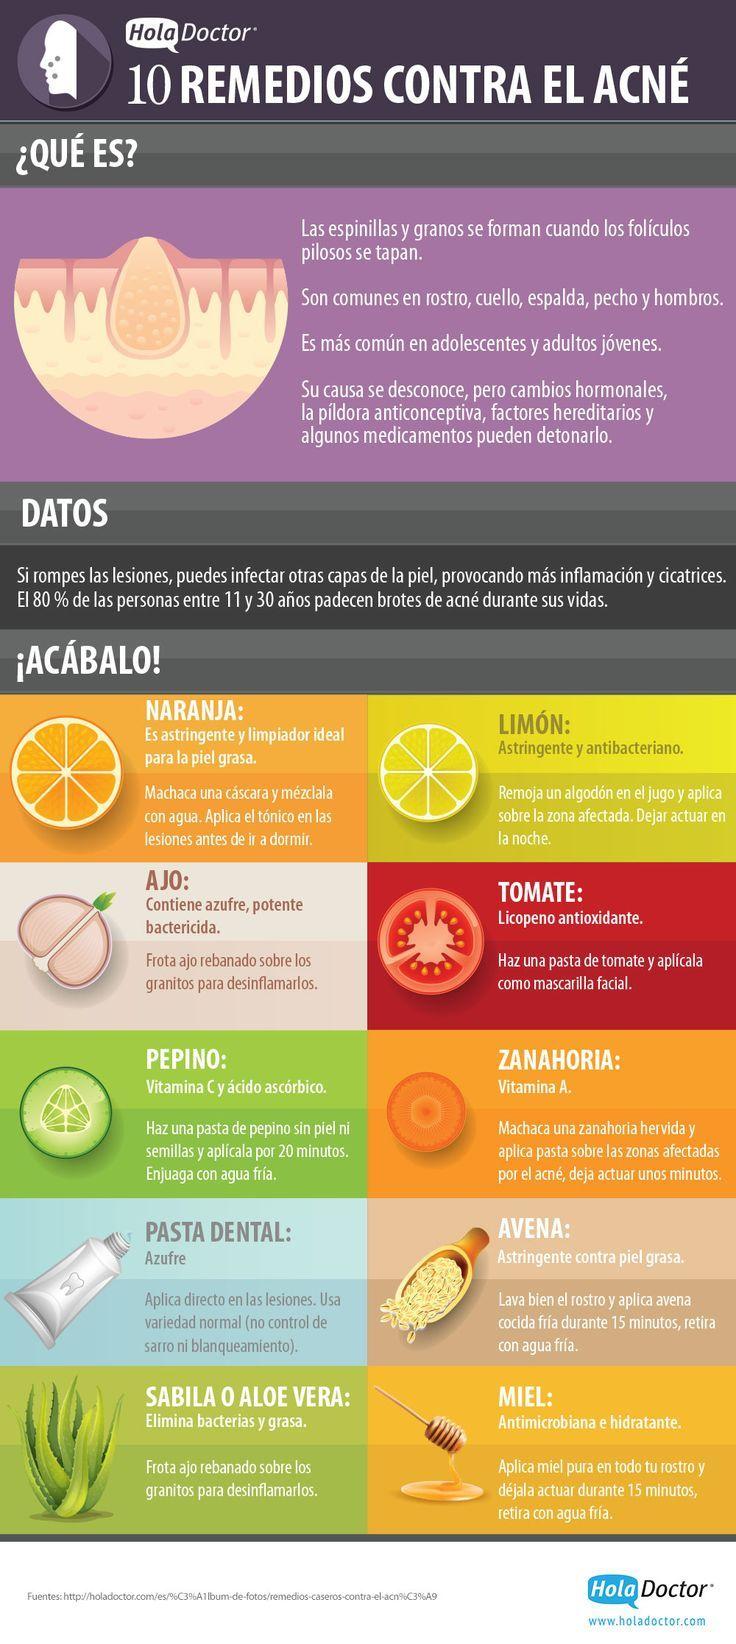 La fase fácil del acné